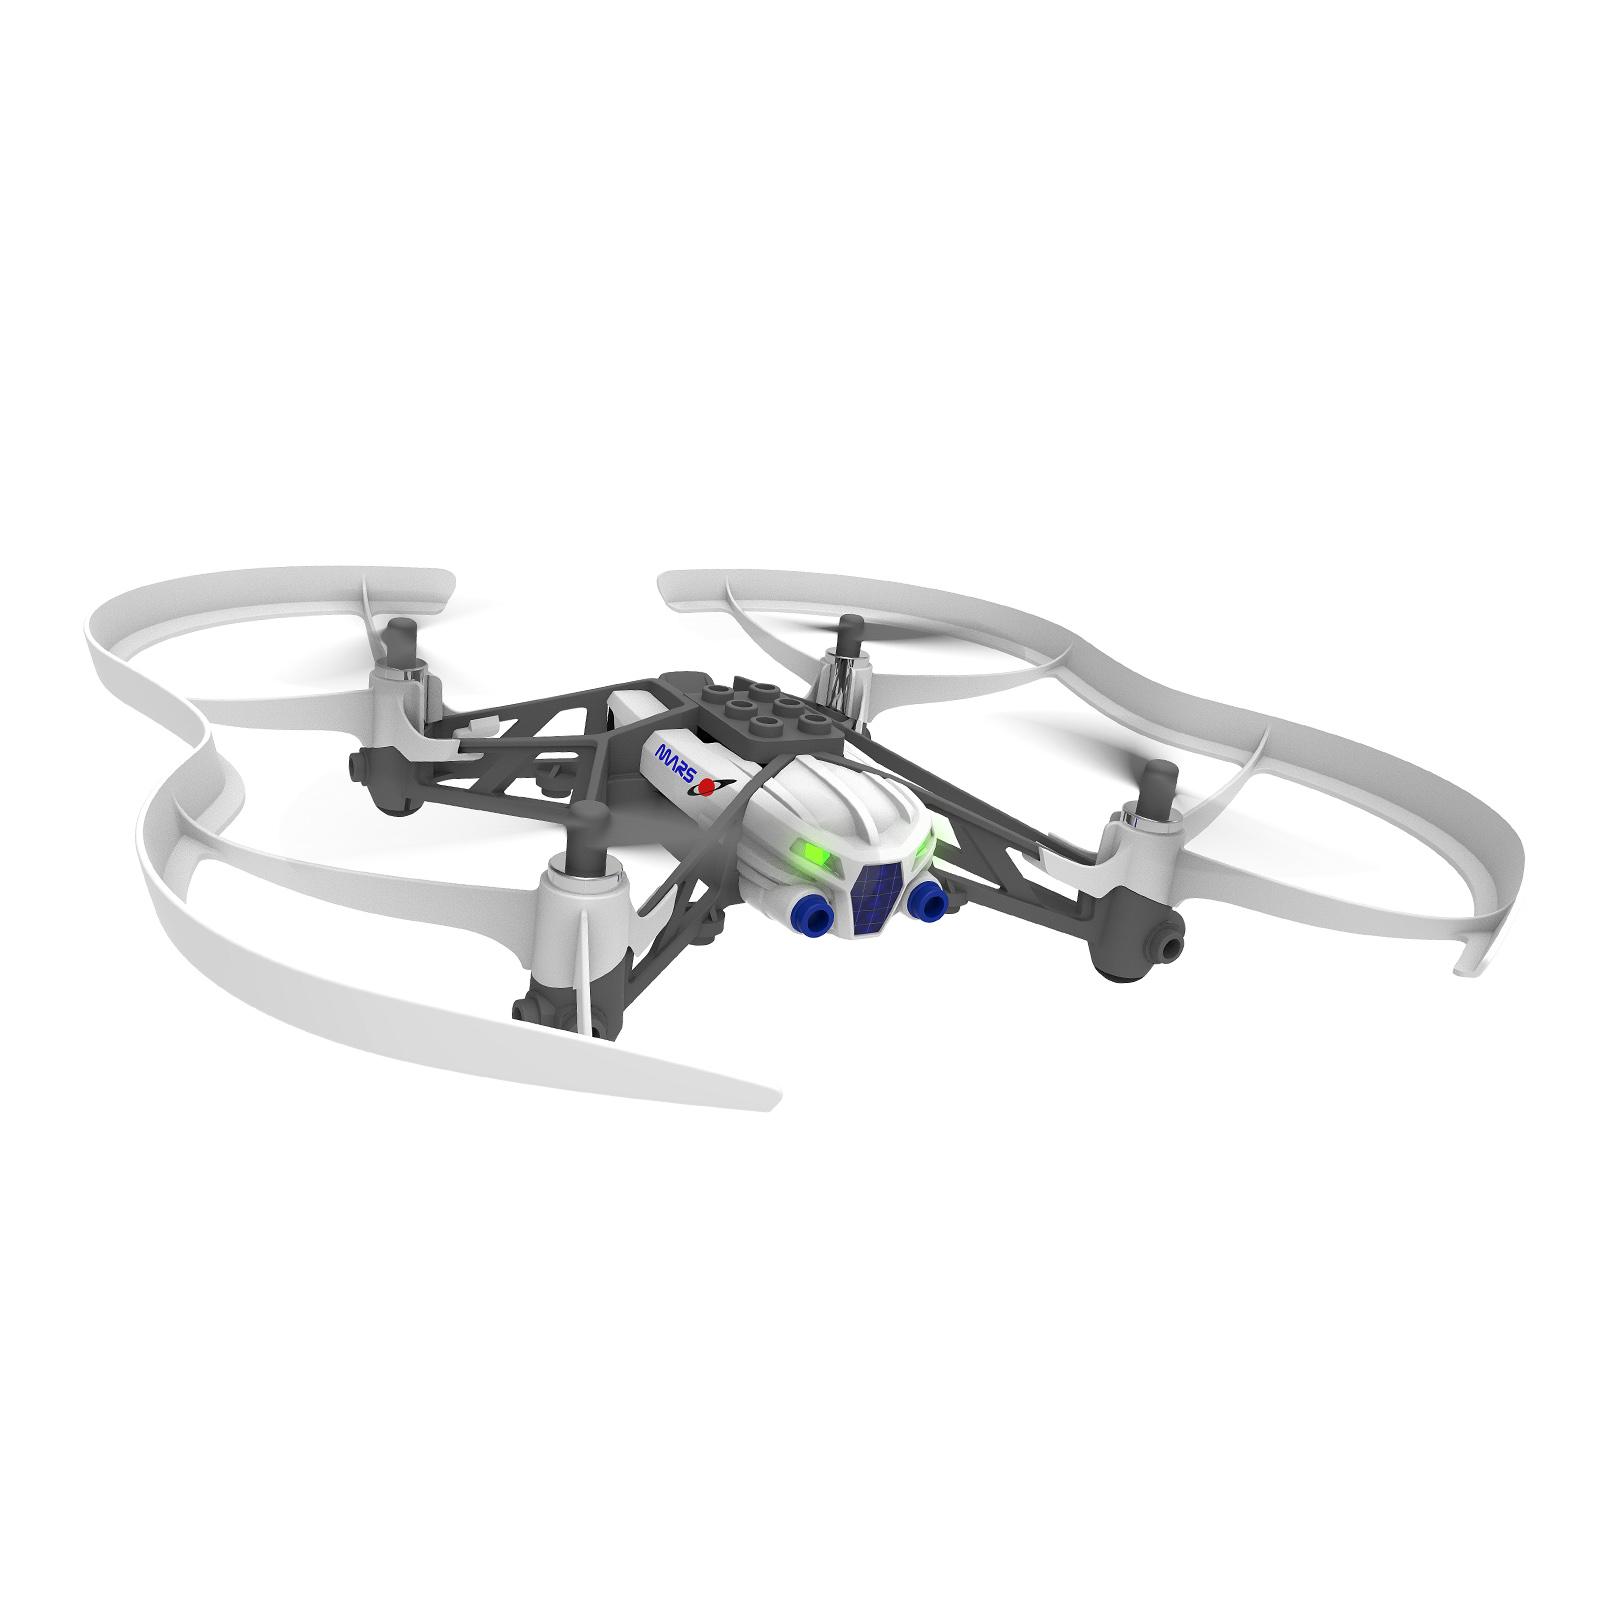 Parrot Airborne Cargo Mini Drone (White) PAR-AIRBORNECARGO-WT-B1